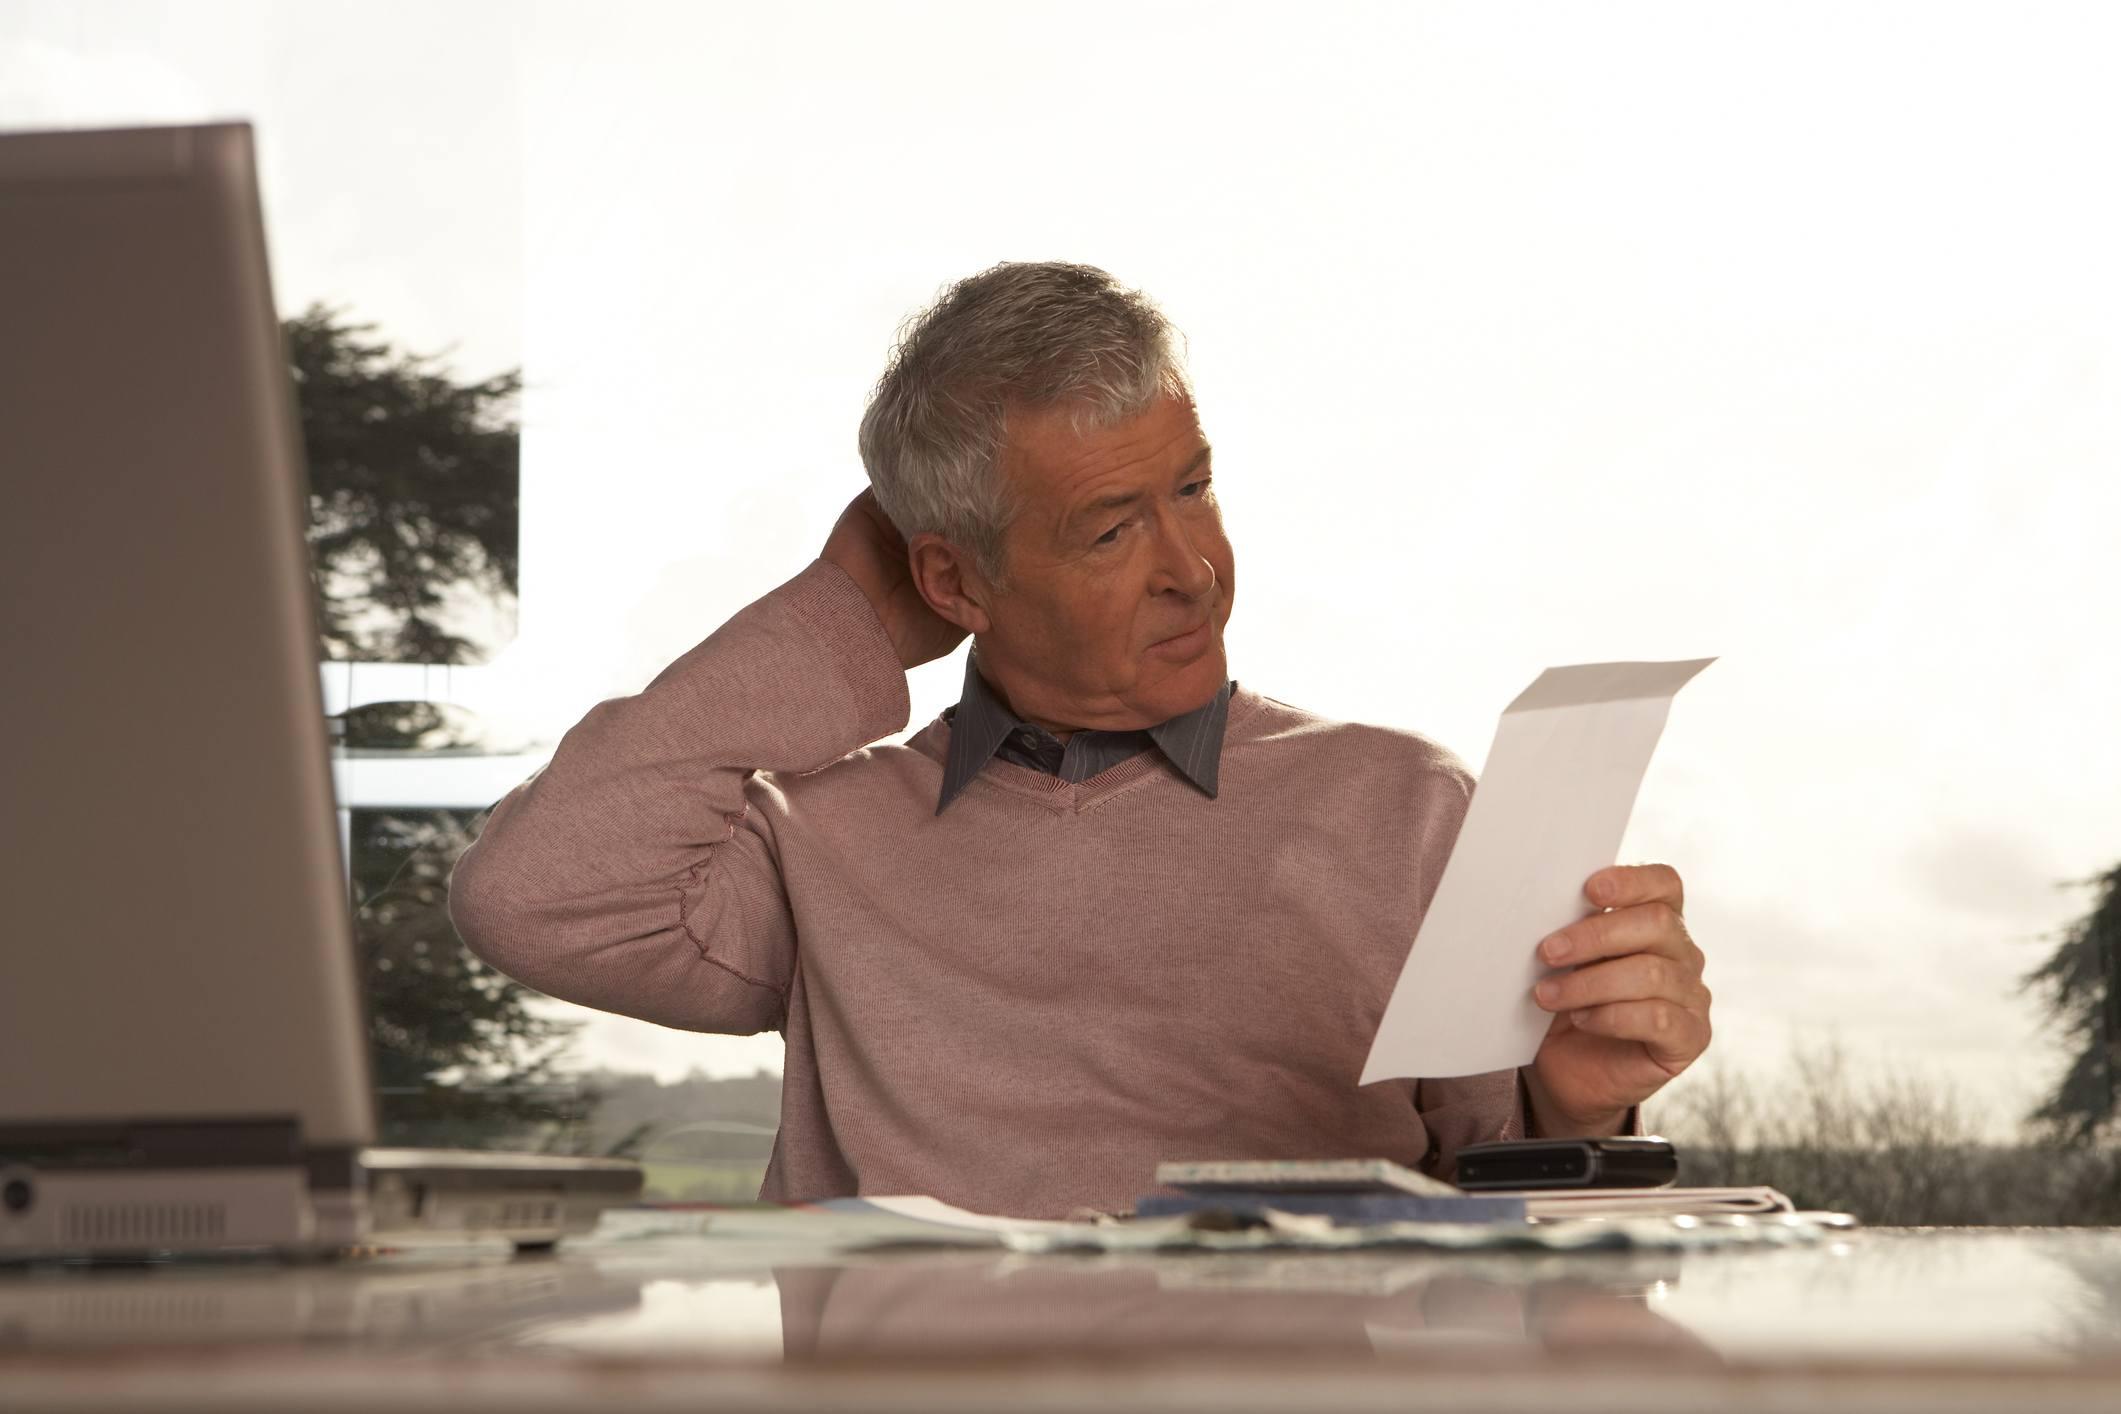 Confused older man at a desk